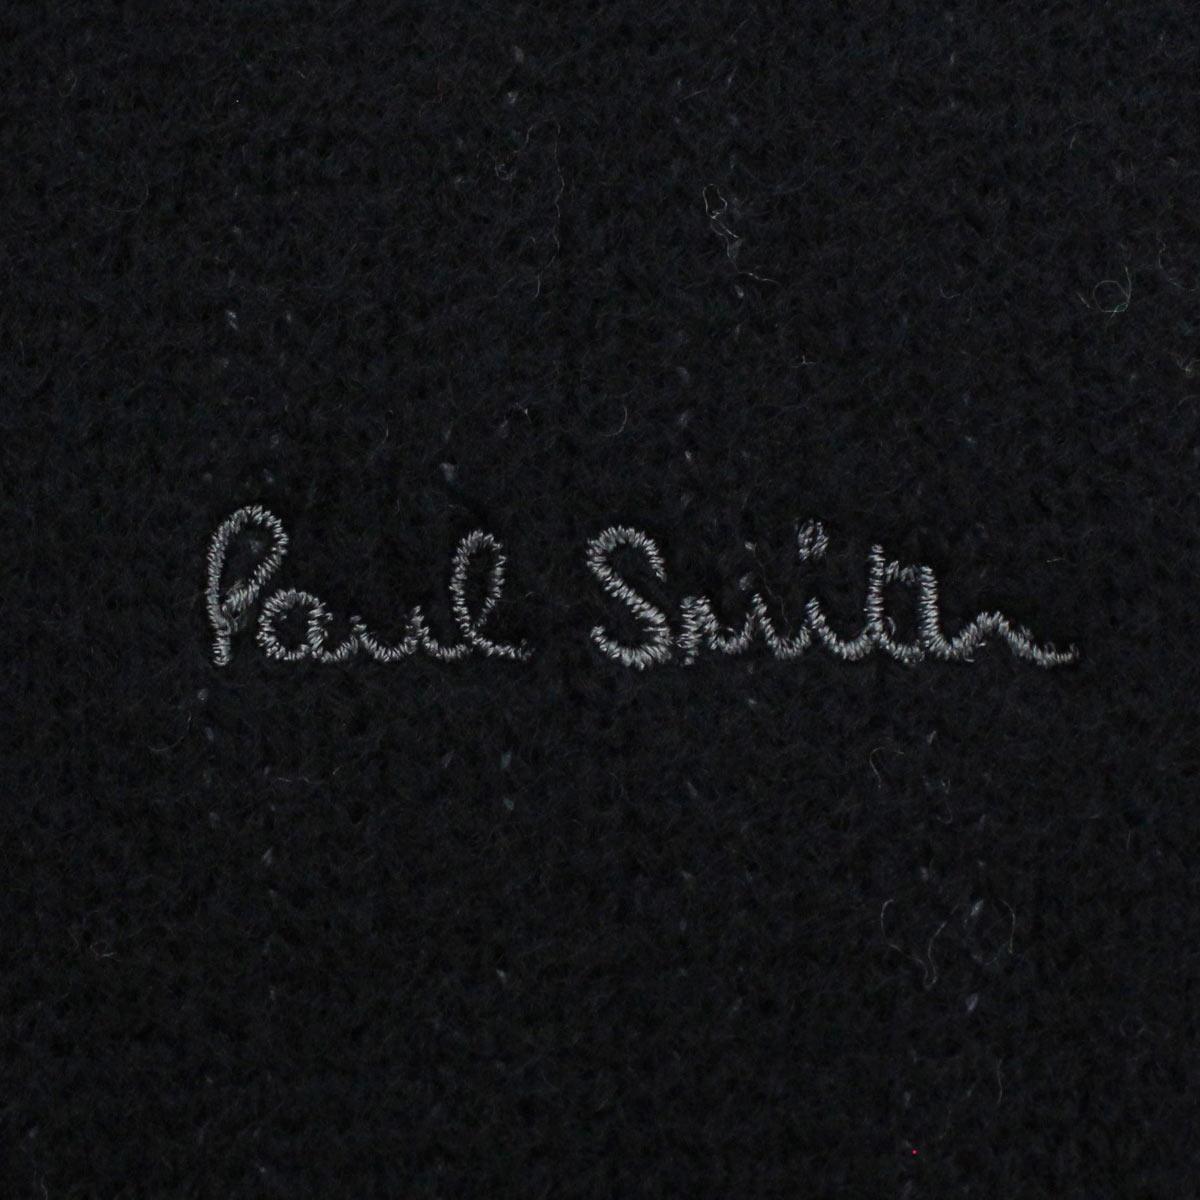 ポール スミス Paul Smith マルチストライプ マフラー M1A811E AS10 79 ブラック マルチカラー メンズキャッシュレス 5% 還元PkuXZOiT